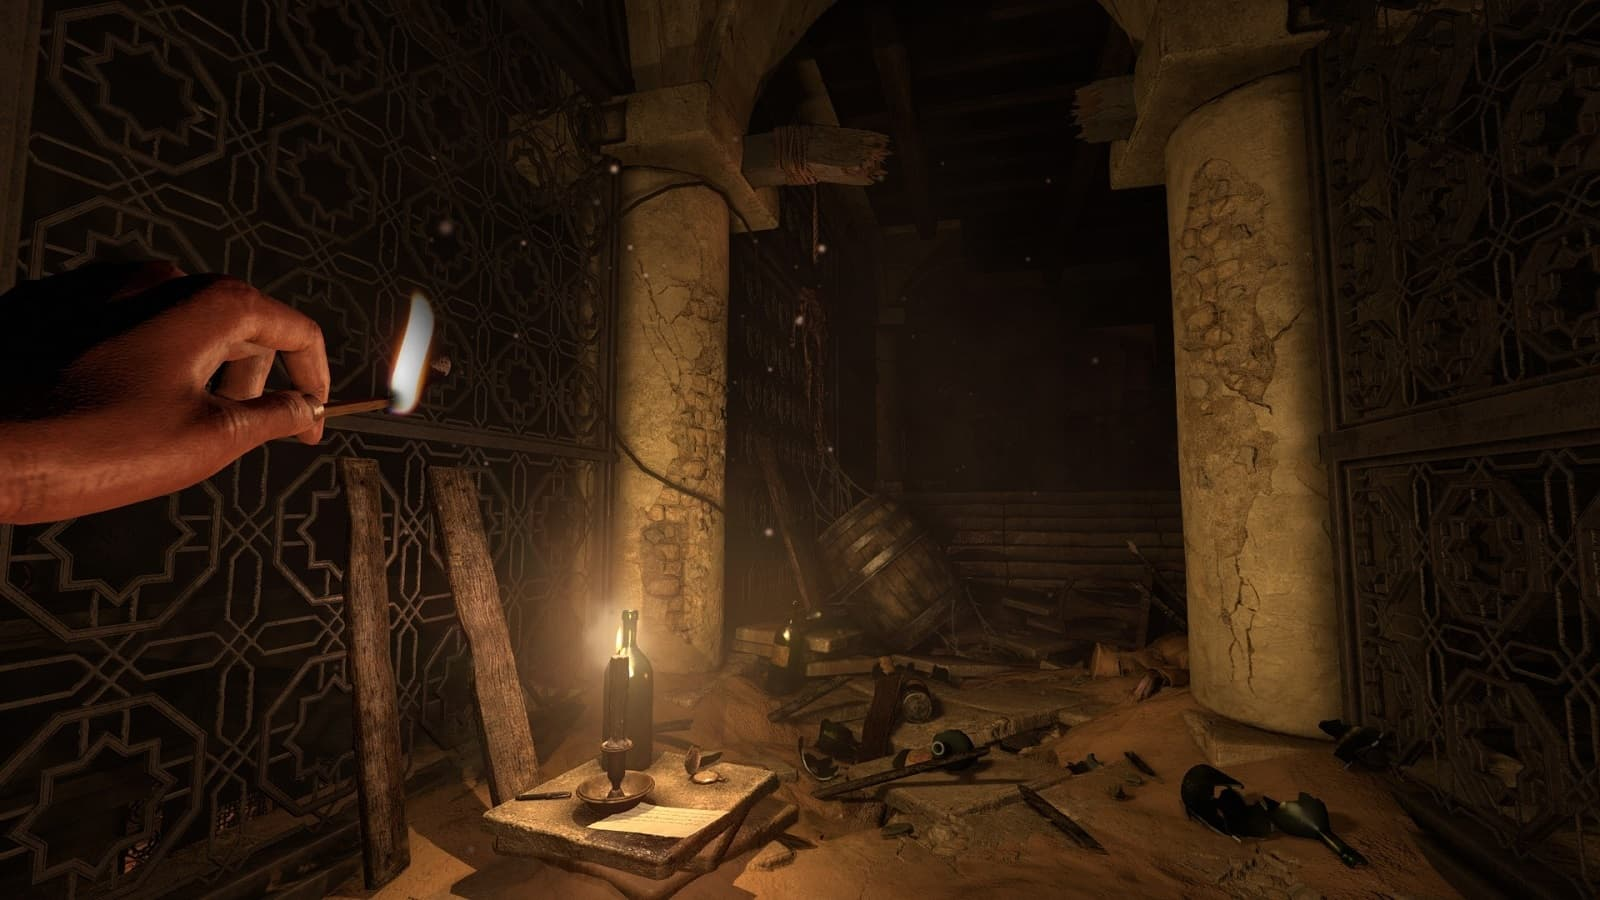 Рецензия на игру Amnesia: Rebirth - неплохой, но безнадёжно устаревший хоррор - 01